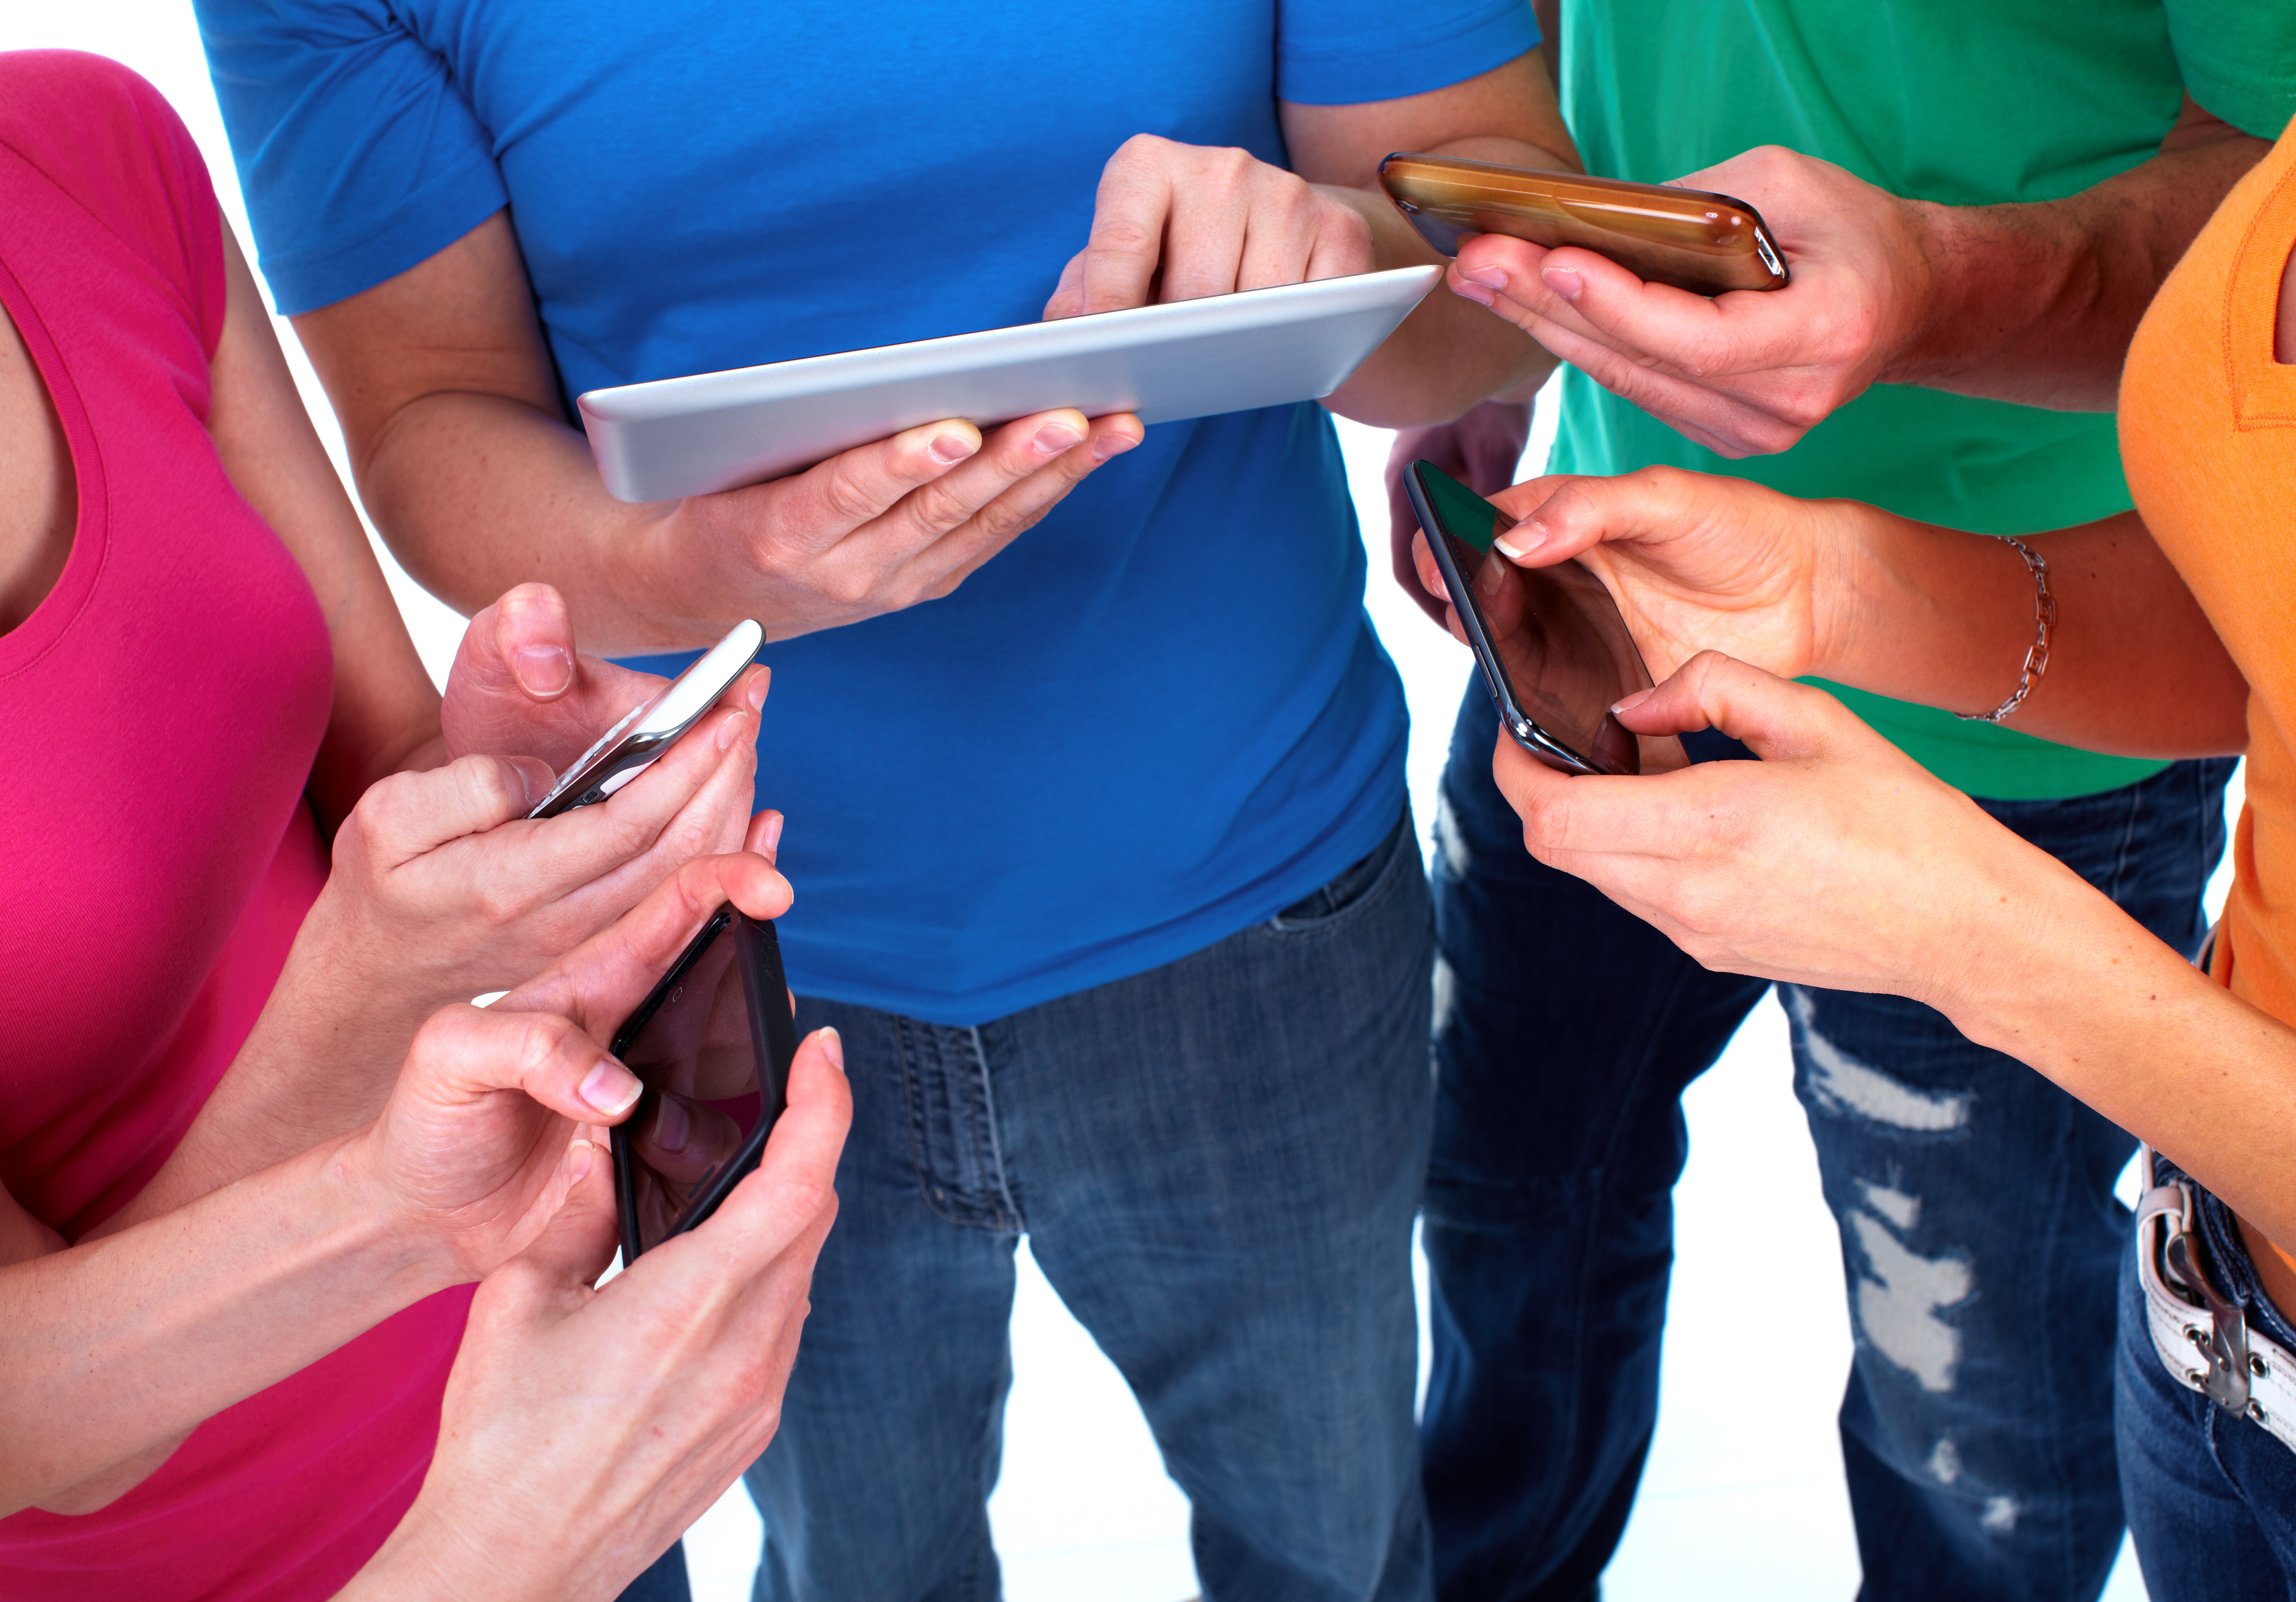 Чаще всего киберпреступления в РФ совершают подростки